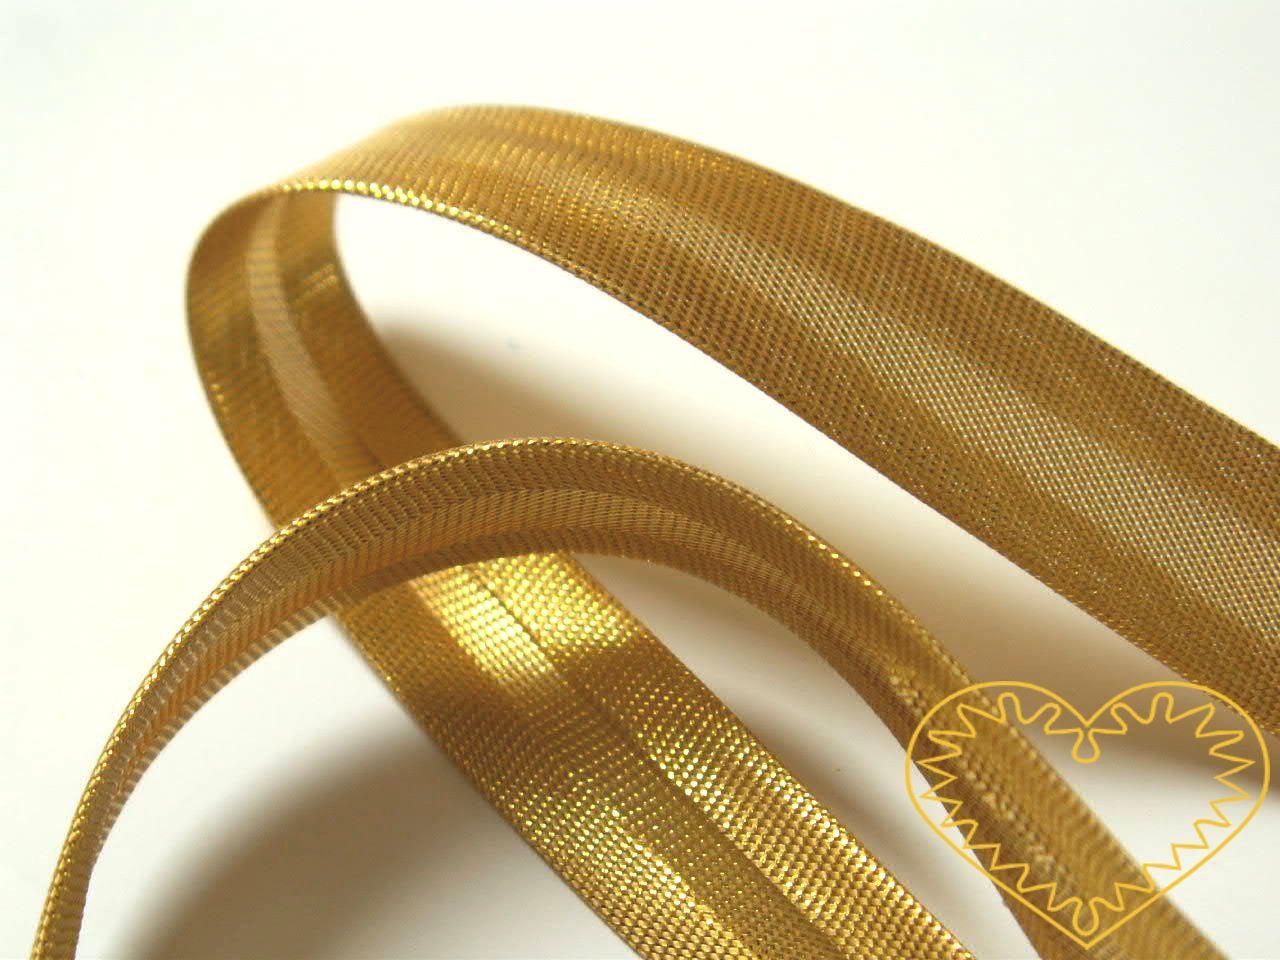 Zlatý šikmý proužek s lurexem, šíře 15 mm. Šikmý proužek saténový je zakládaný do středu, rovnoměrně z obou stran. Je vhodný k olemování slavnostních šatů, svatebních závojů, lehké dámské konfekce a jemného bytového textilu.